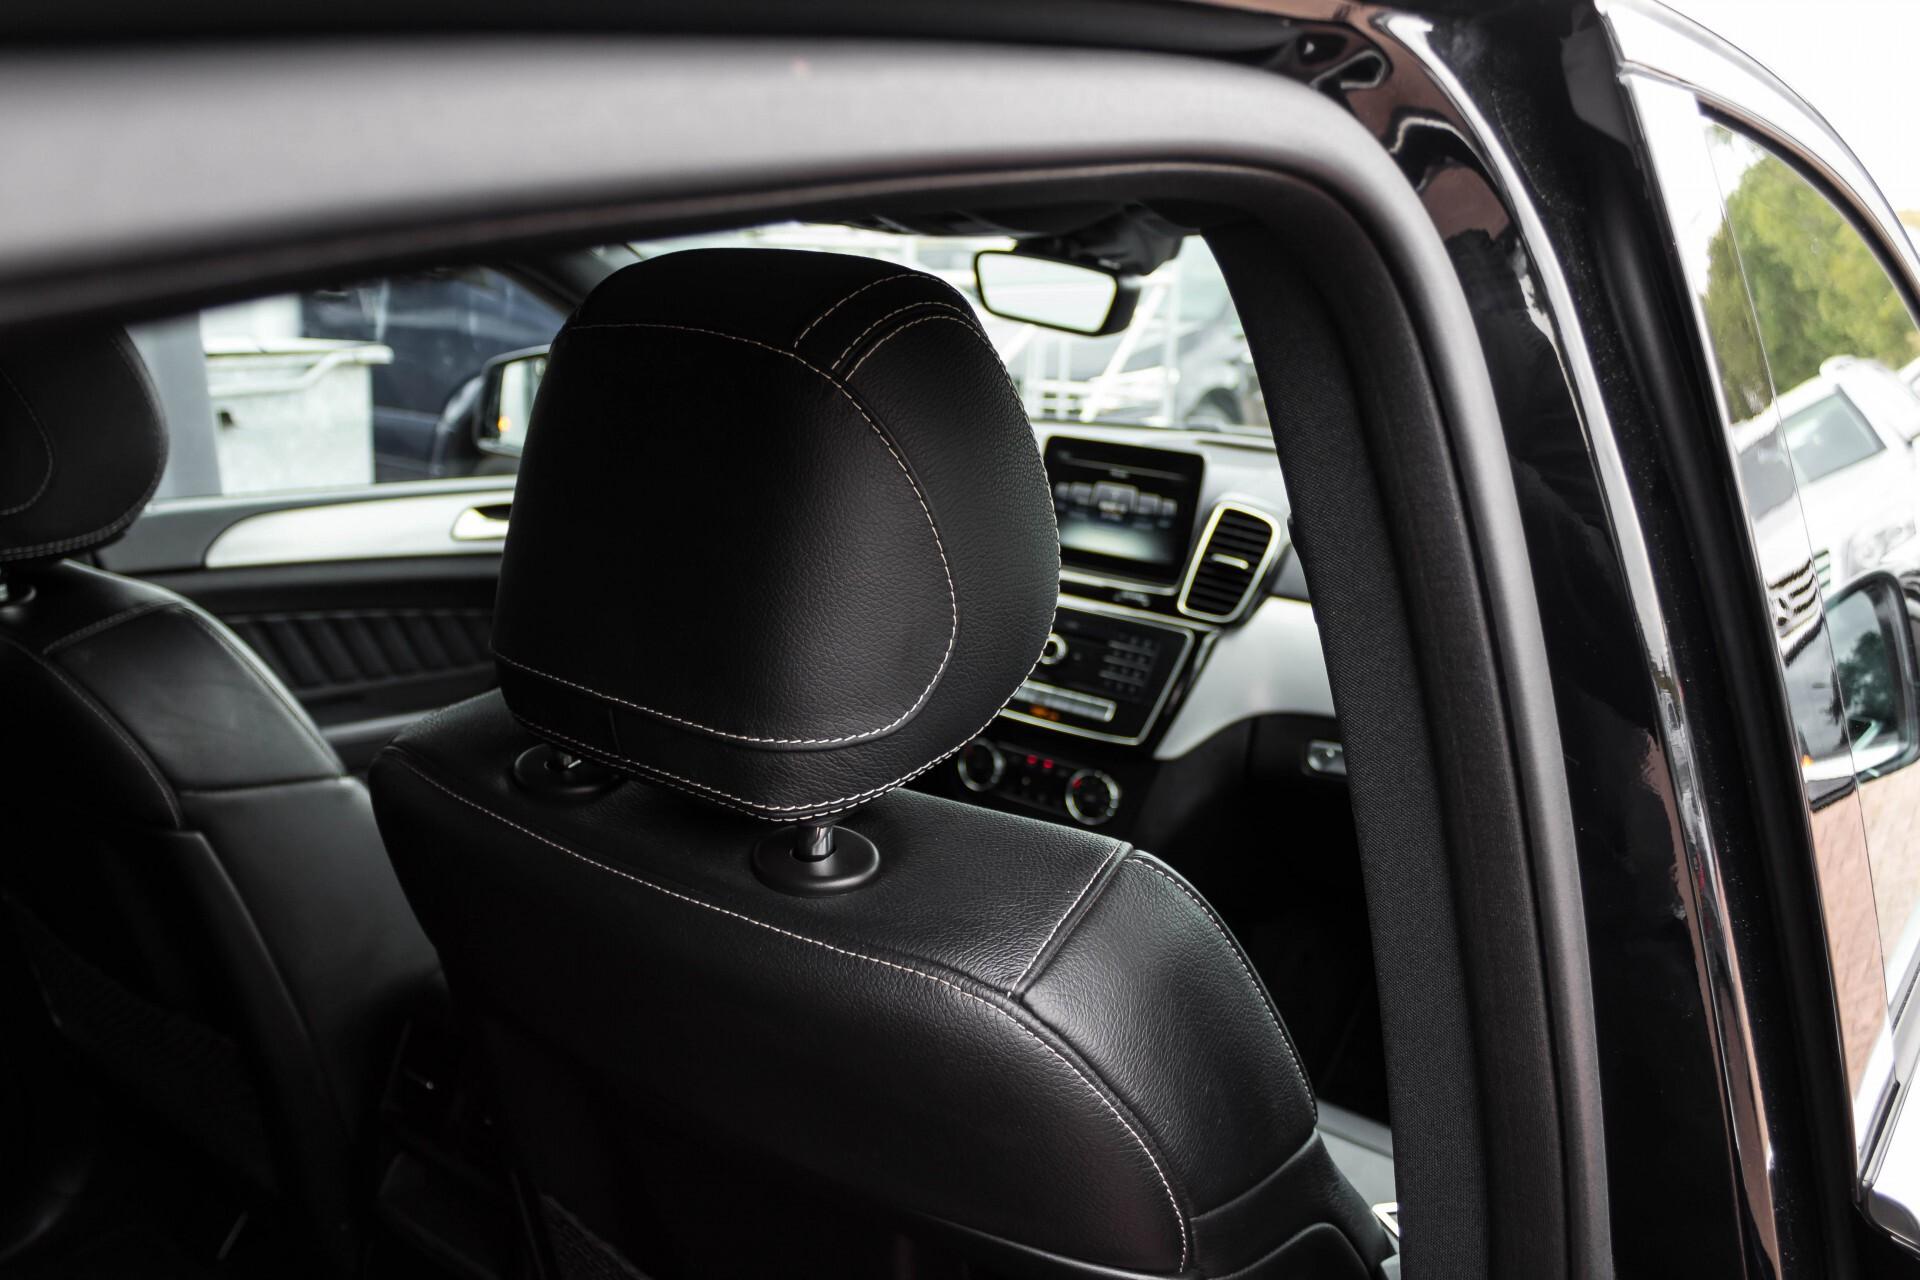 Mercedes-Benz GLE Coupé 350 d 4-M AMG Luchtvering/Distronic/Panorama/Mem/Trekhaak Aut9 Foto 57